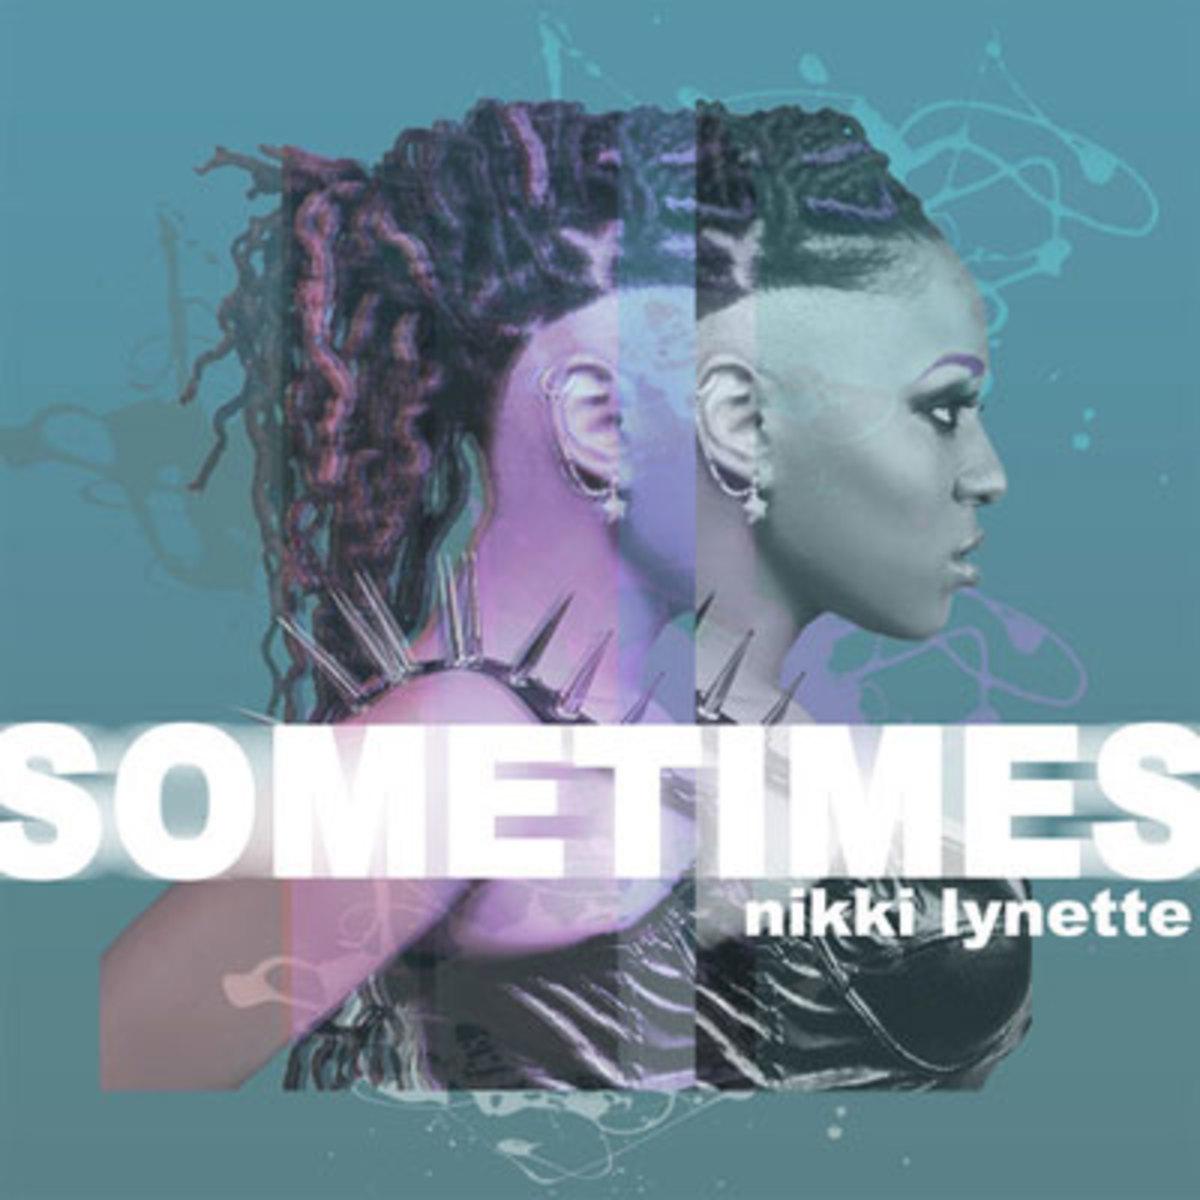 nikkilynette-sometimes.jpg